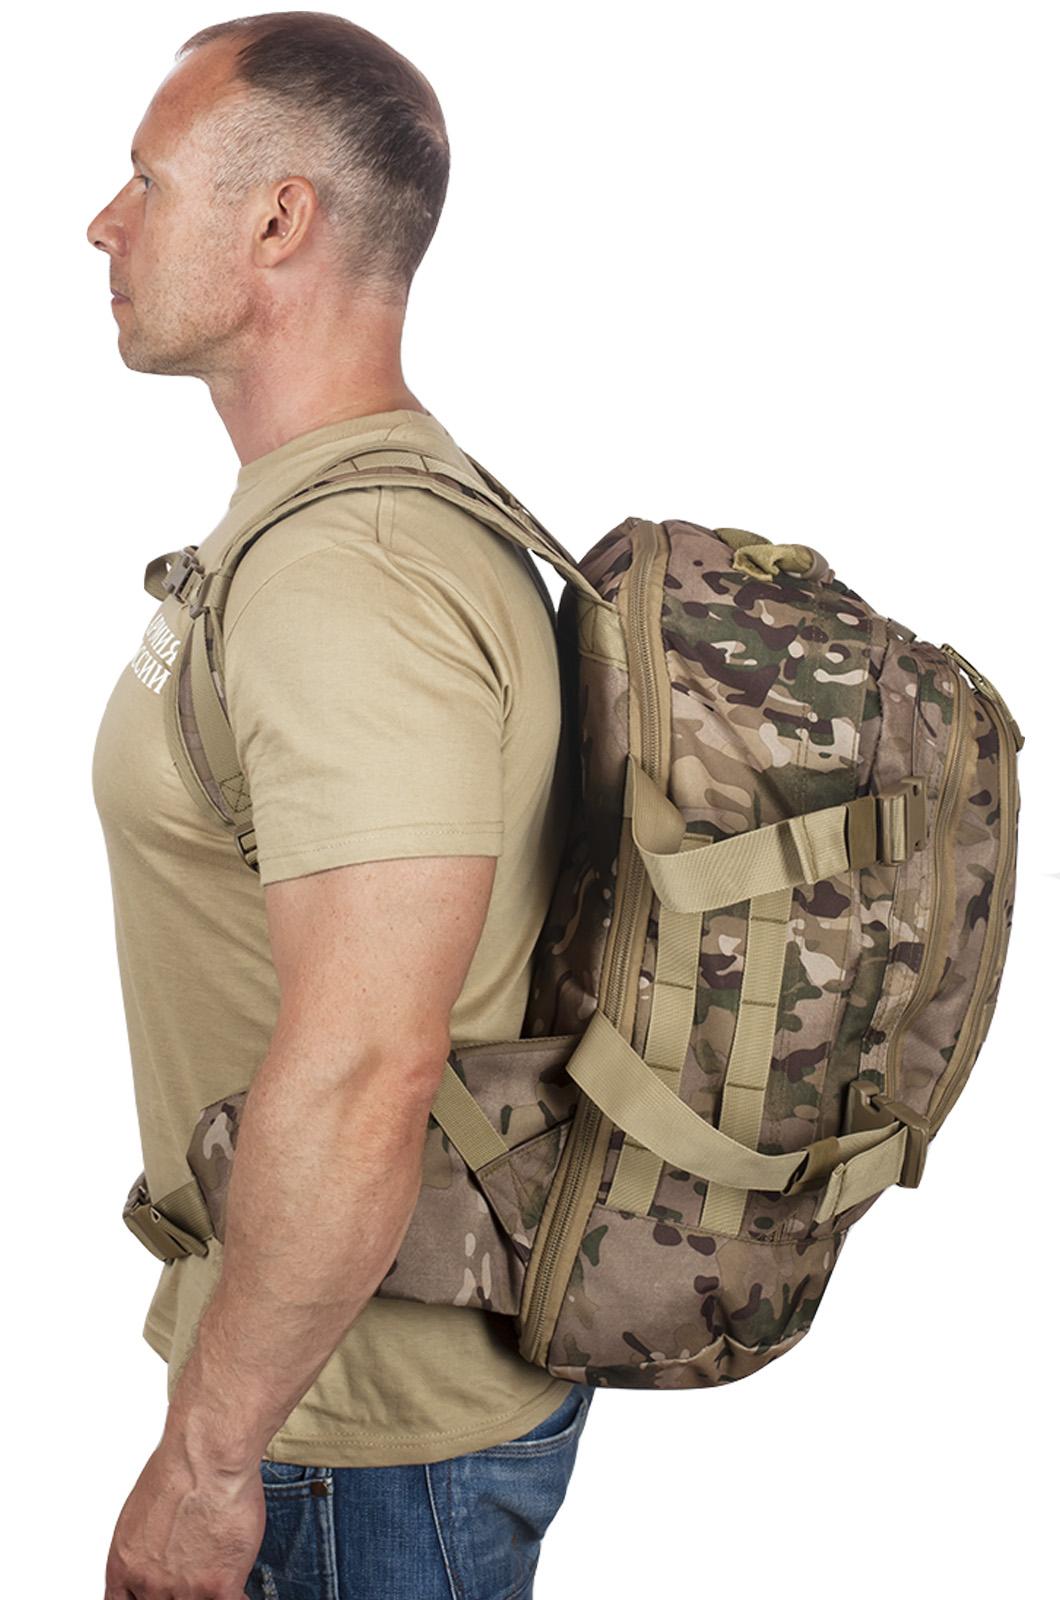 Камуфляжный трехдневный рюкзак ДПС - купить выгодно